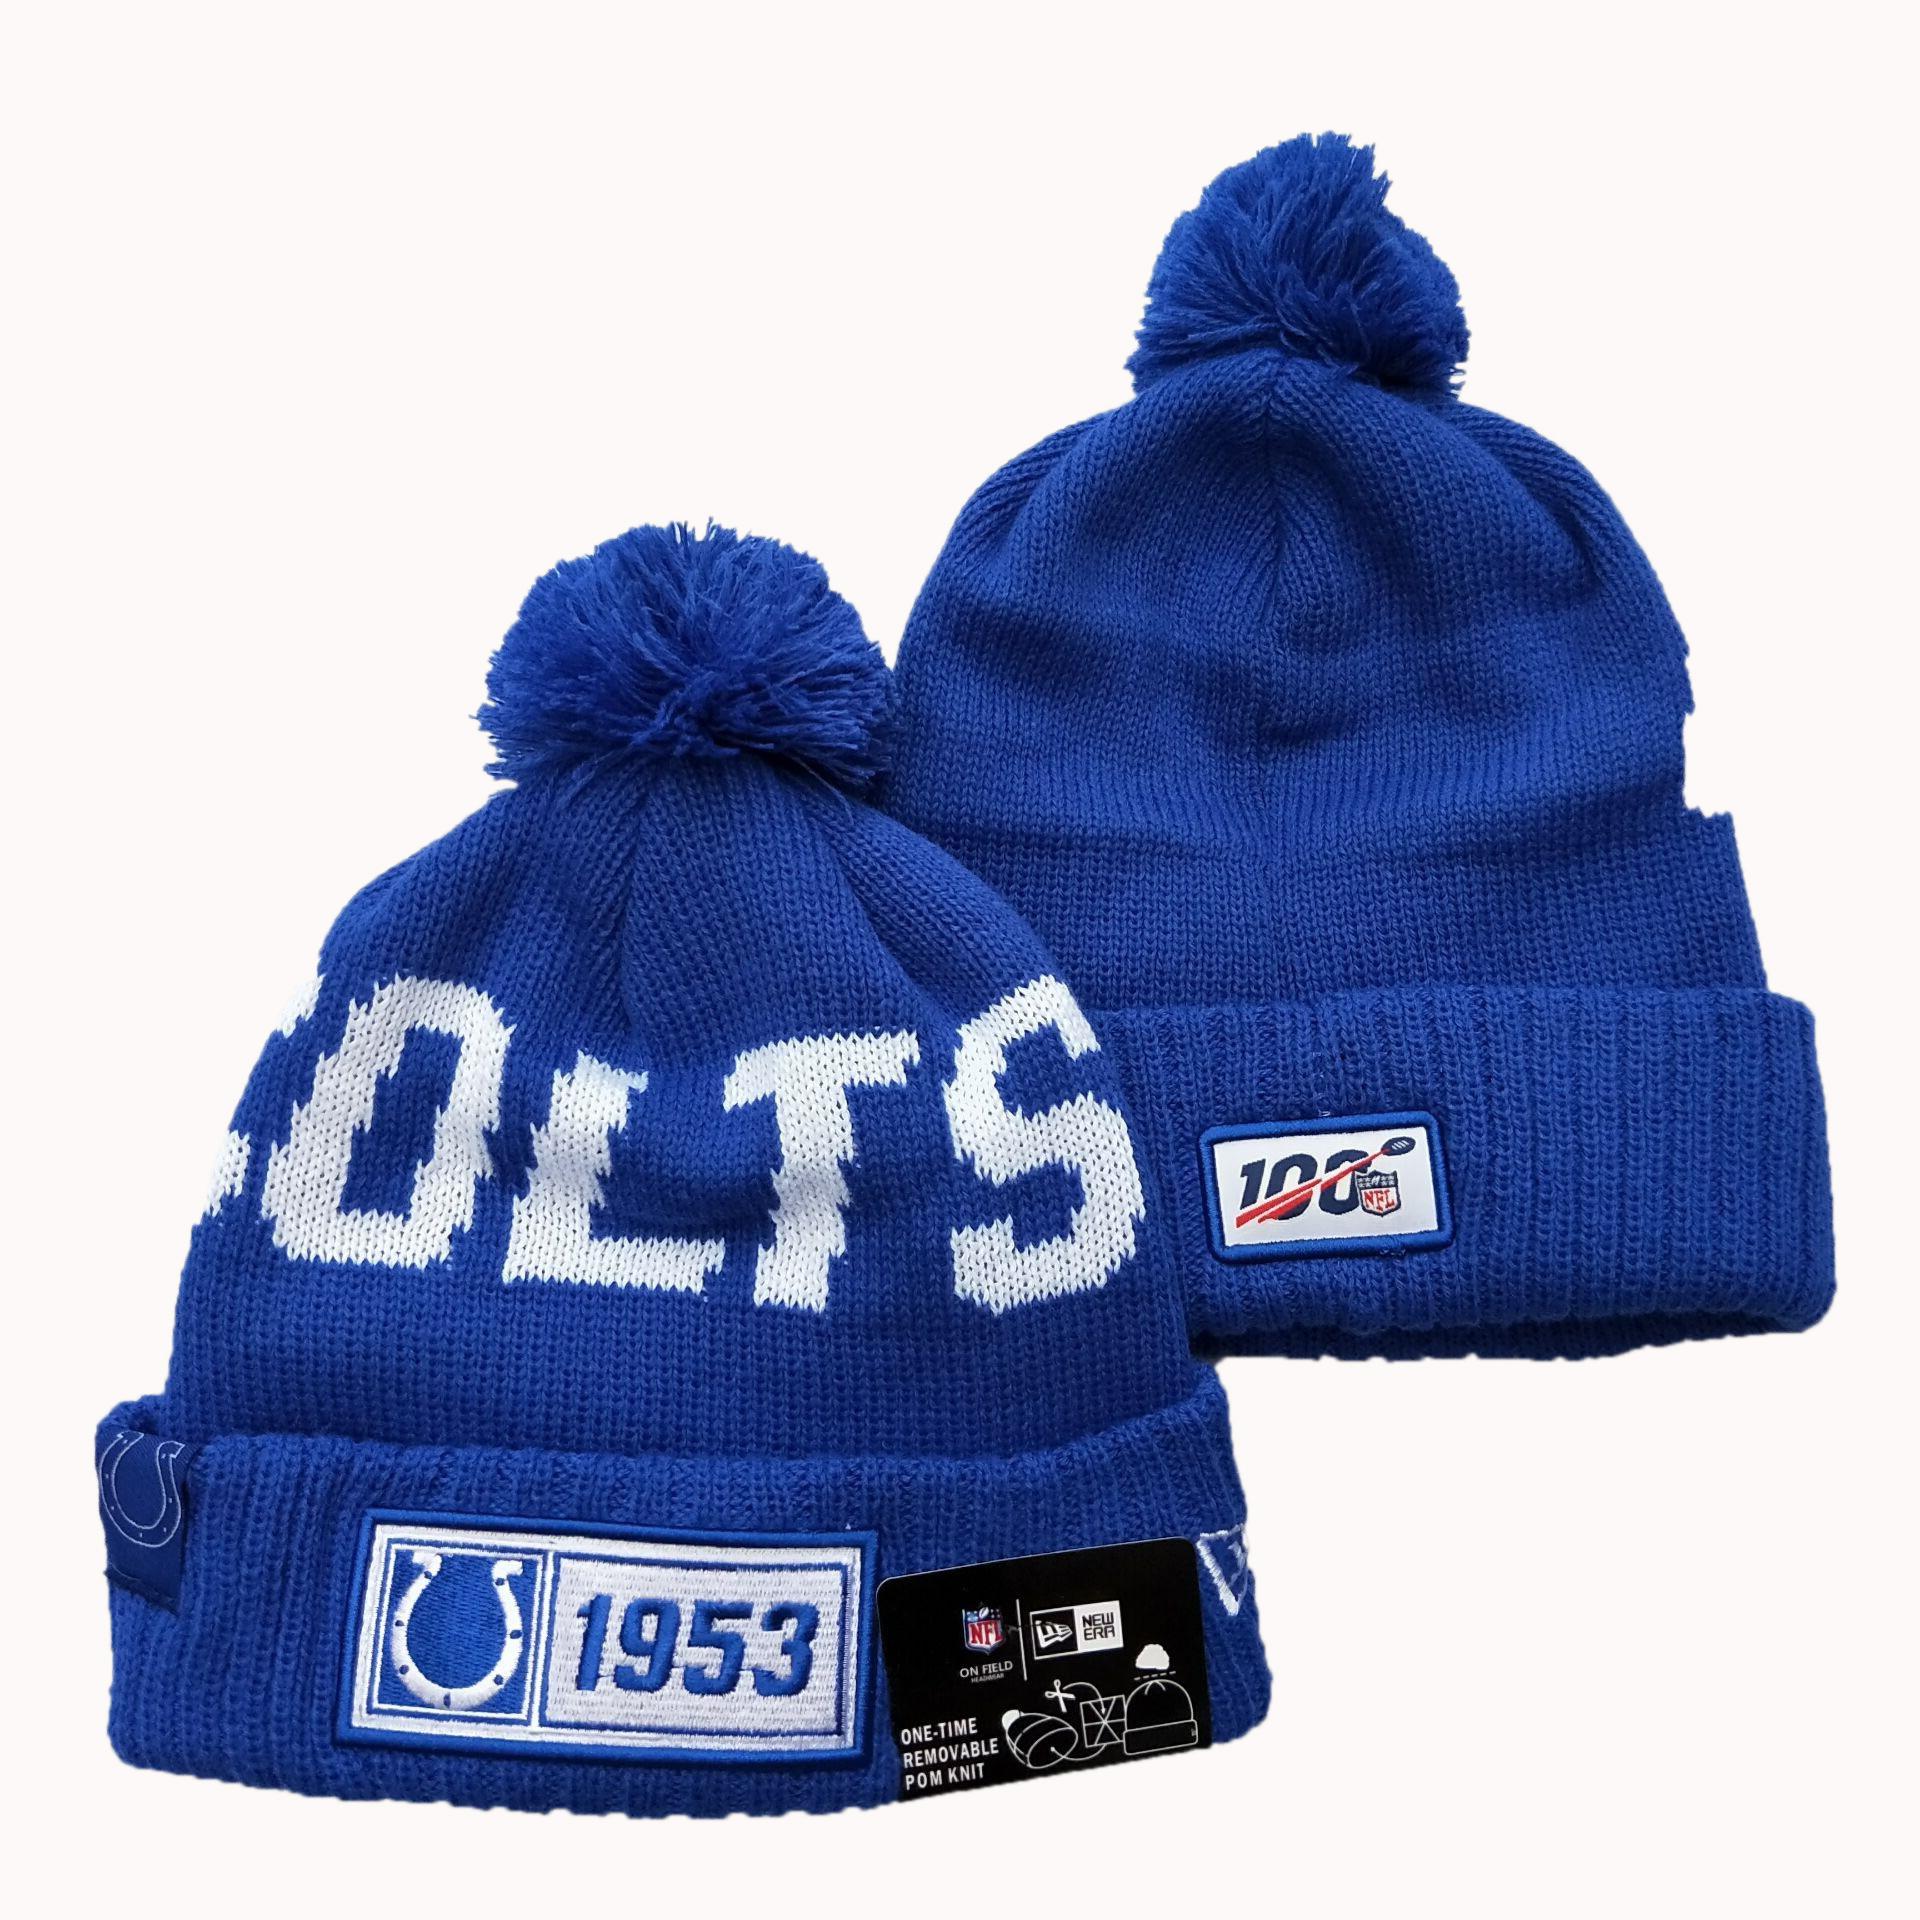 Colts Team Logo Blue 100th Season Pom Knit Hat YD